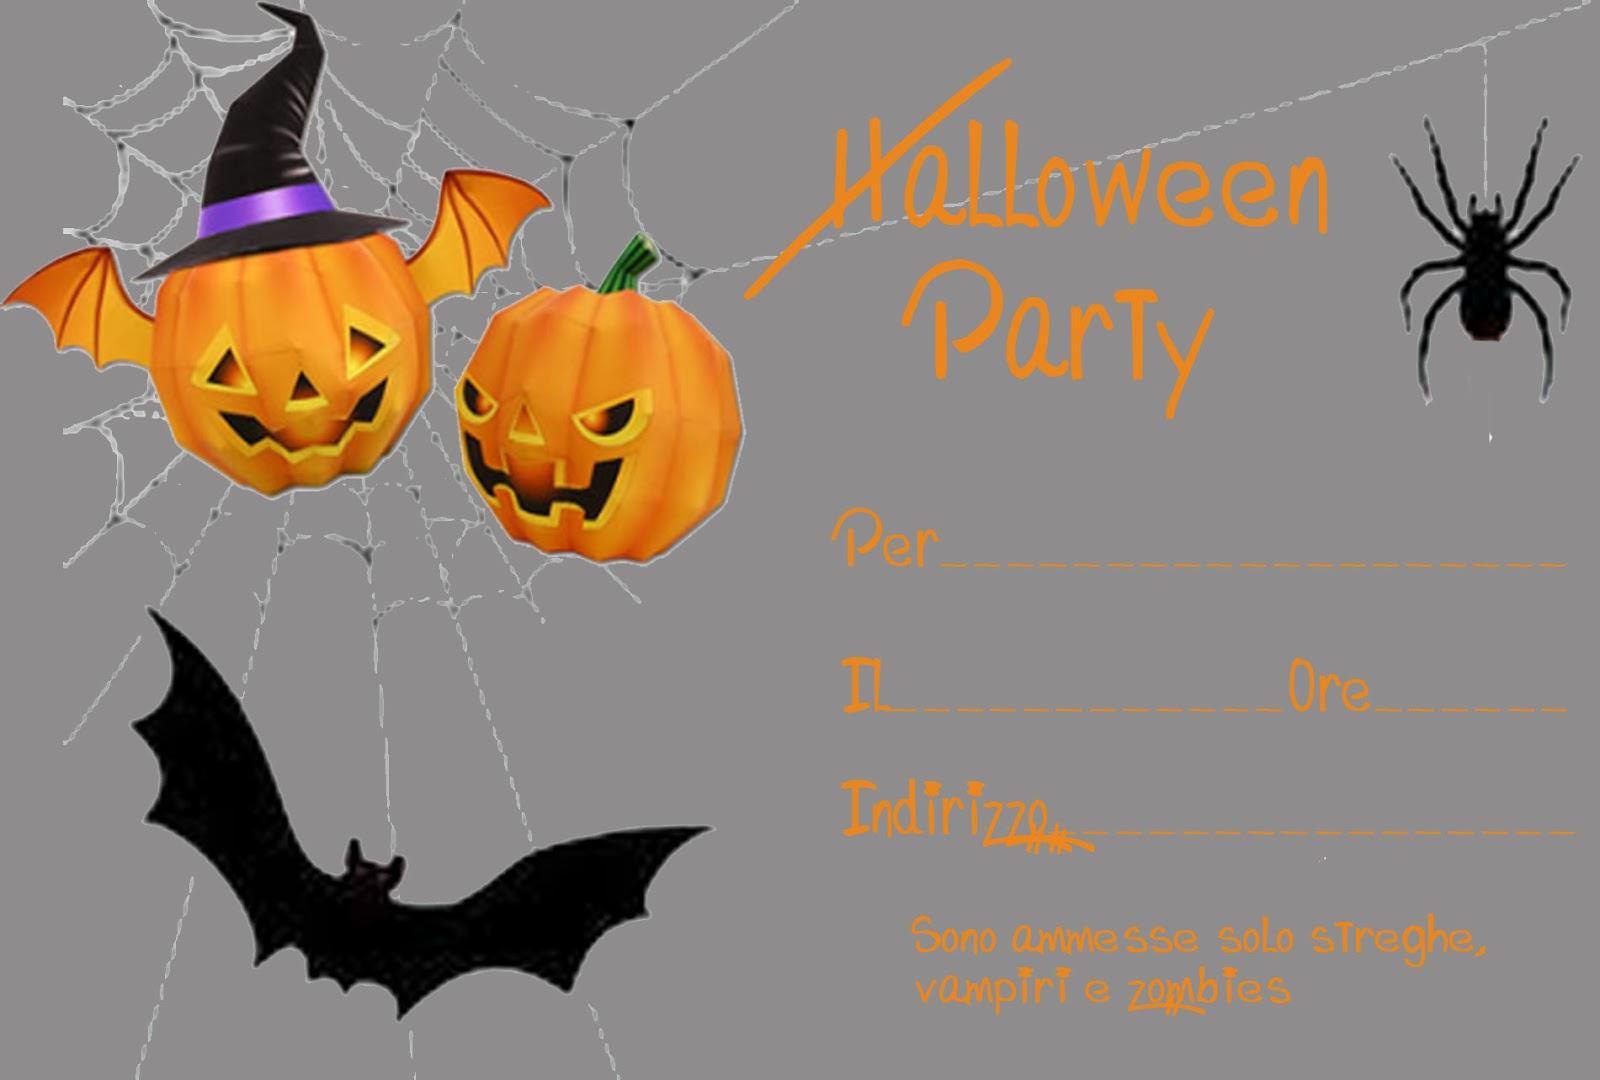 Addobbi Tavola Per Halloween festa di halloween per bambini #1 decorazioni per la tavola